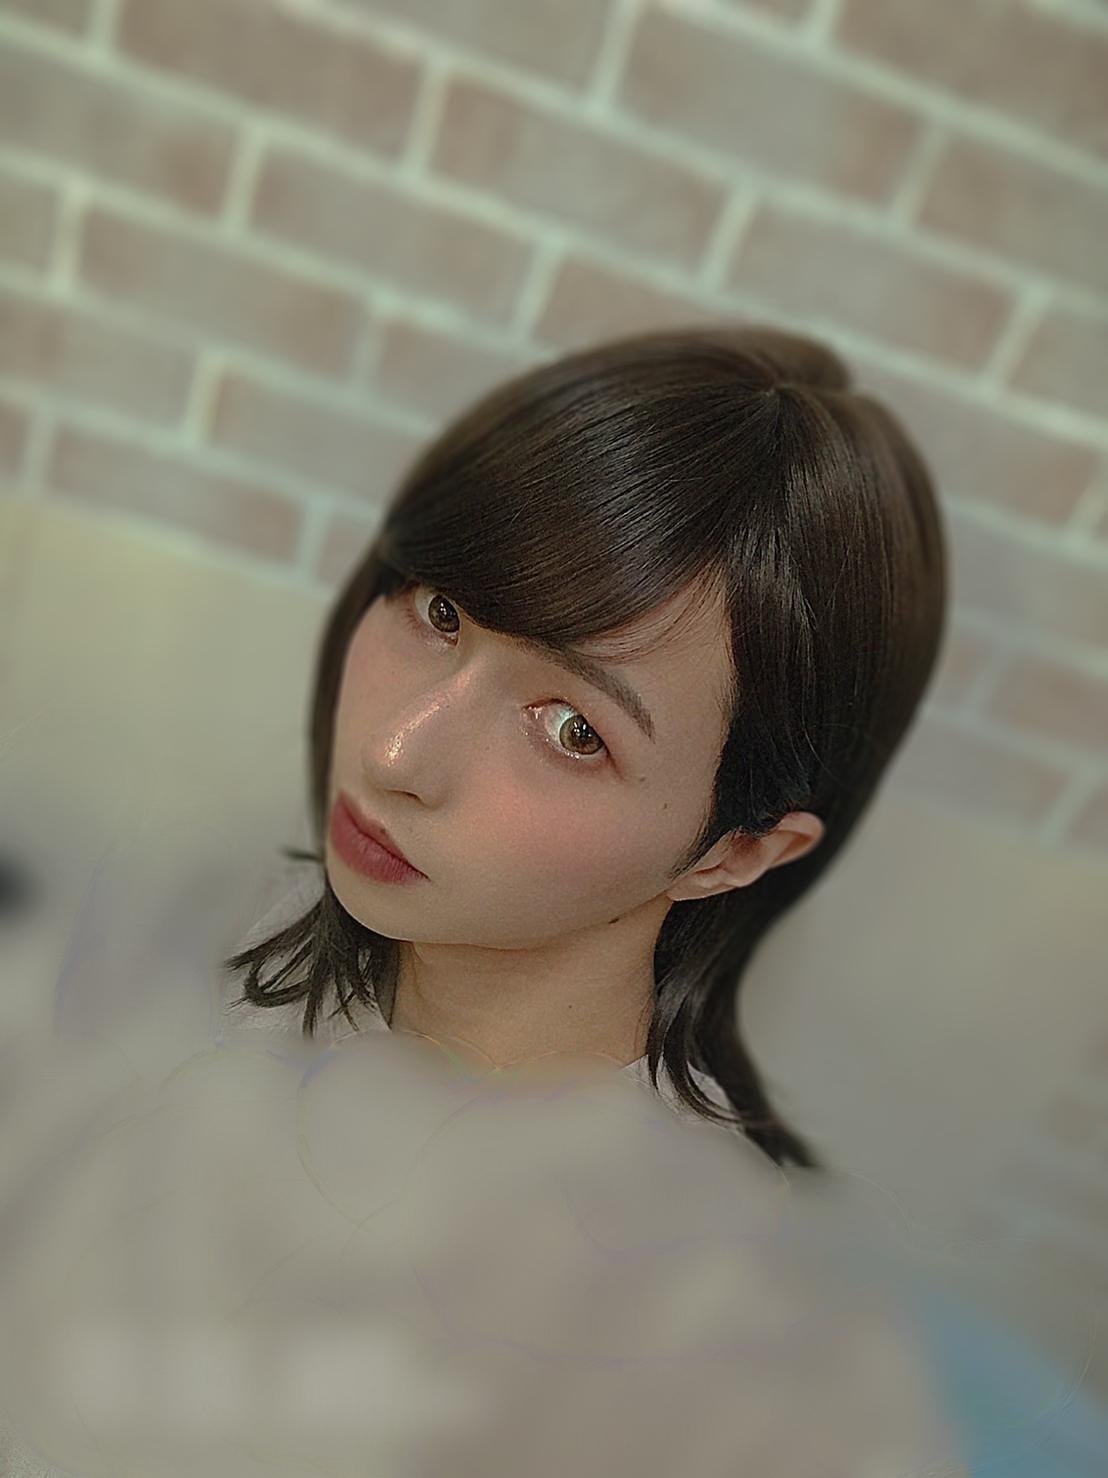 「待ってます」04/19(月) 18:22   さやかの写メ・風俗動画